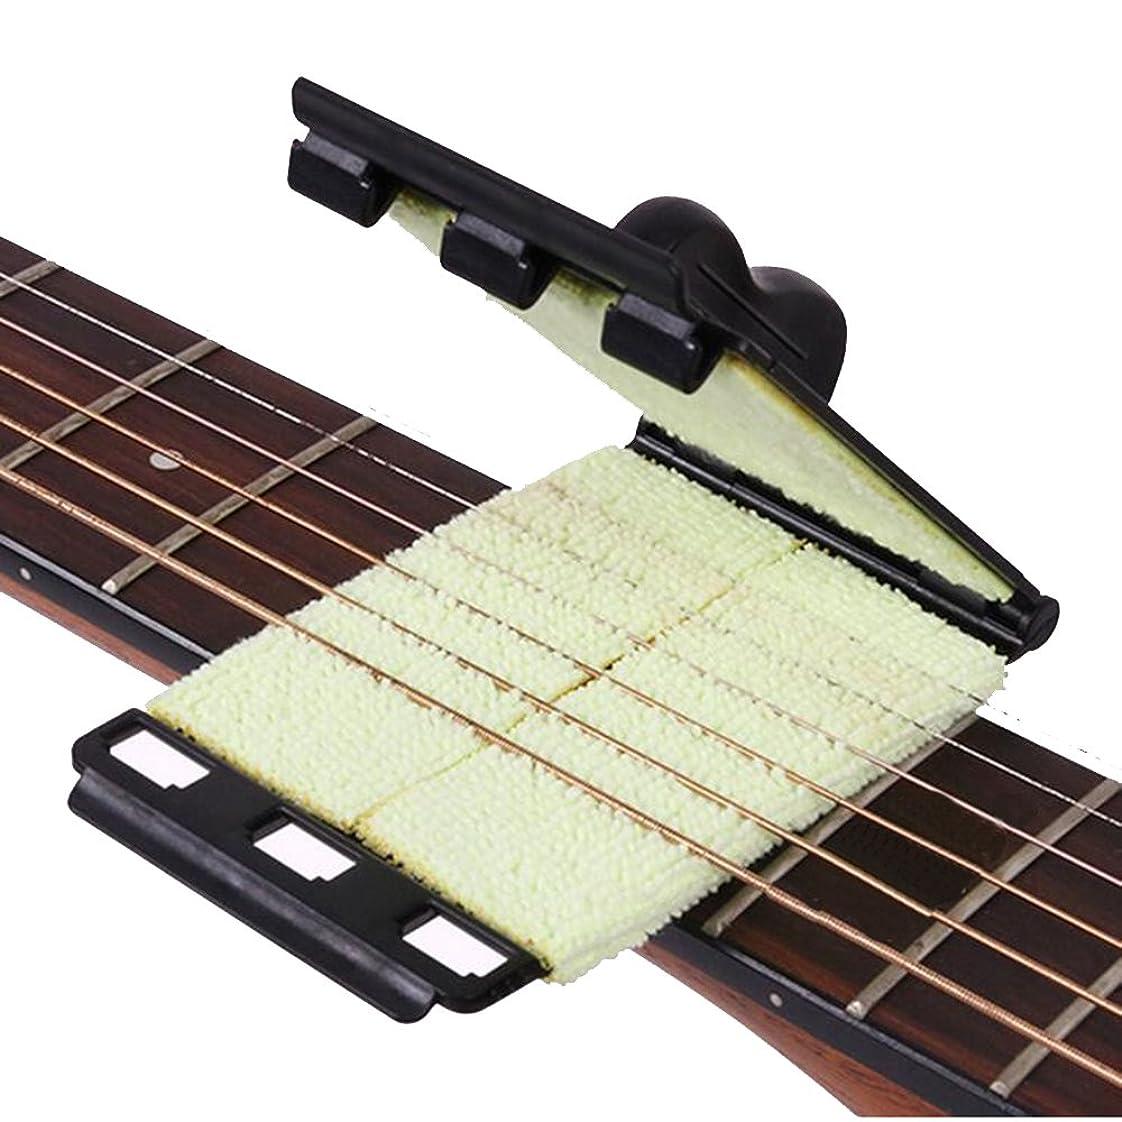 申込み全部進化Wonzom クリーナー ギター ベース 弦 お手入れ 簡単ストリング ギター メンテナンス用品